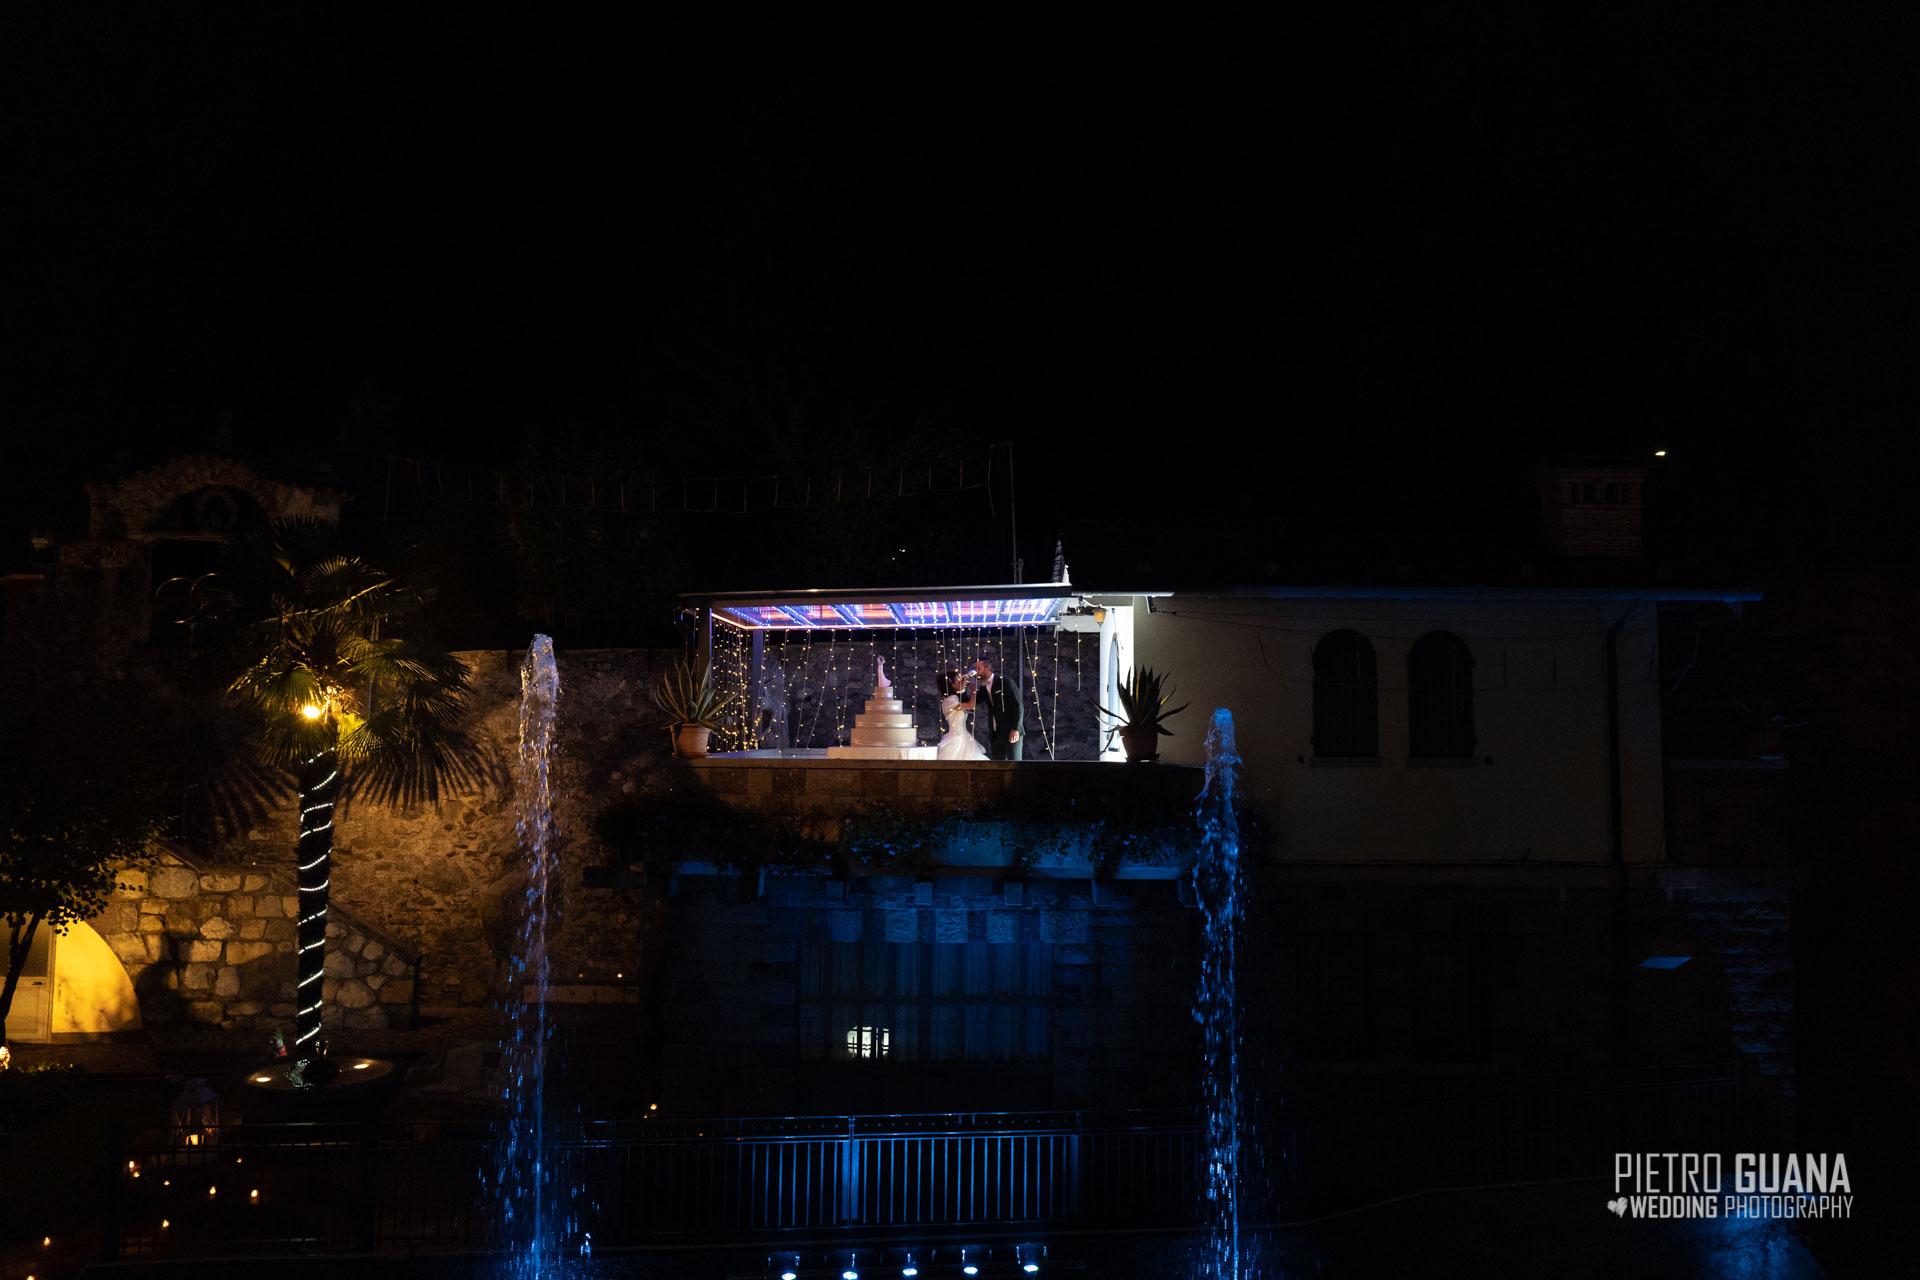 Matrimonio Ristorante da Giorgio Ardesio Taglio Torta Pietro Guana Fotografo